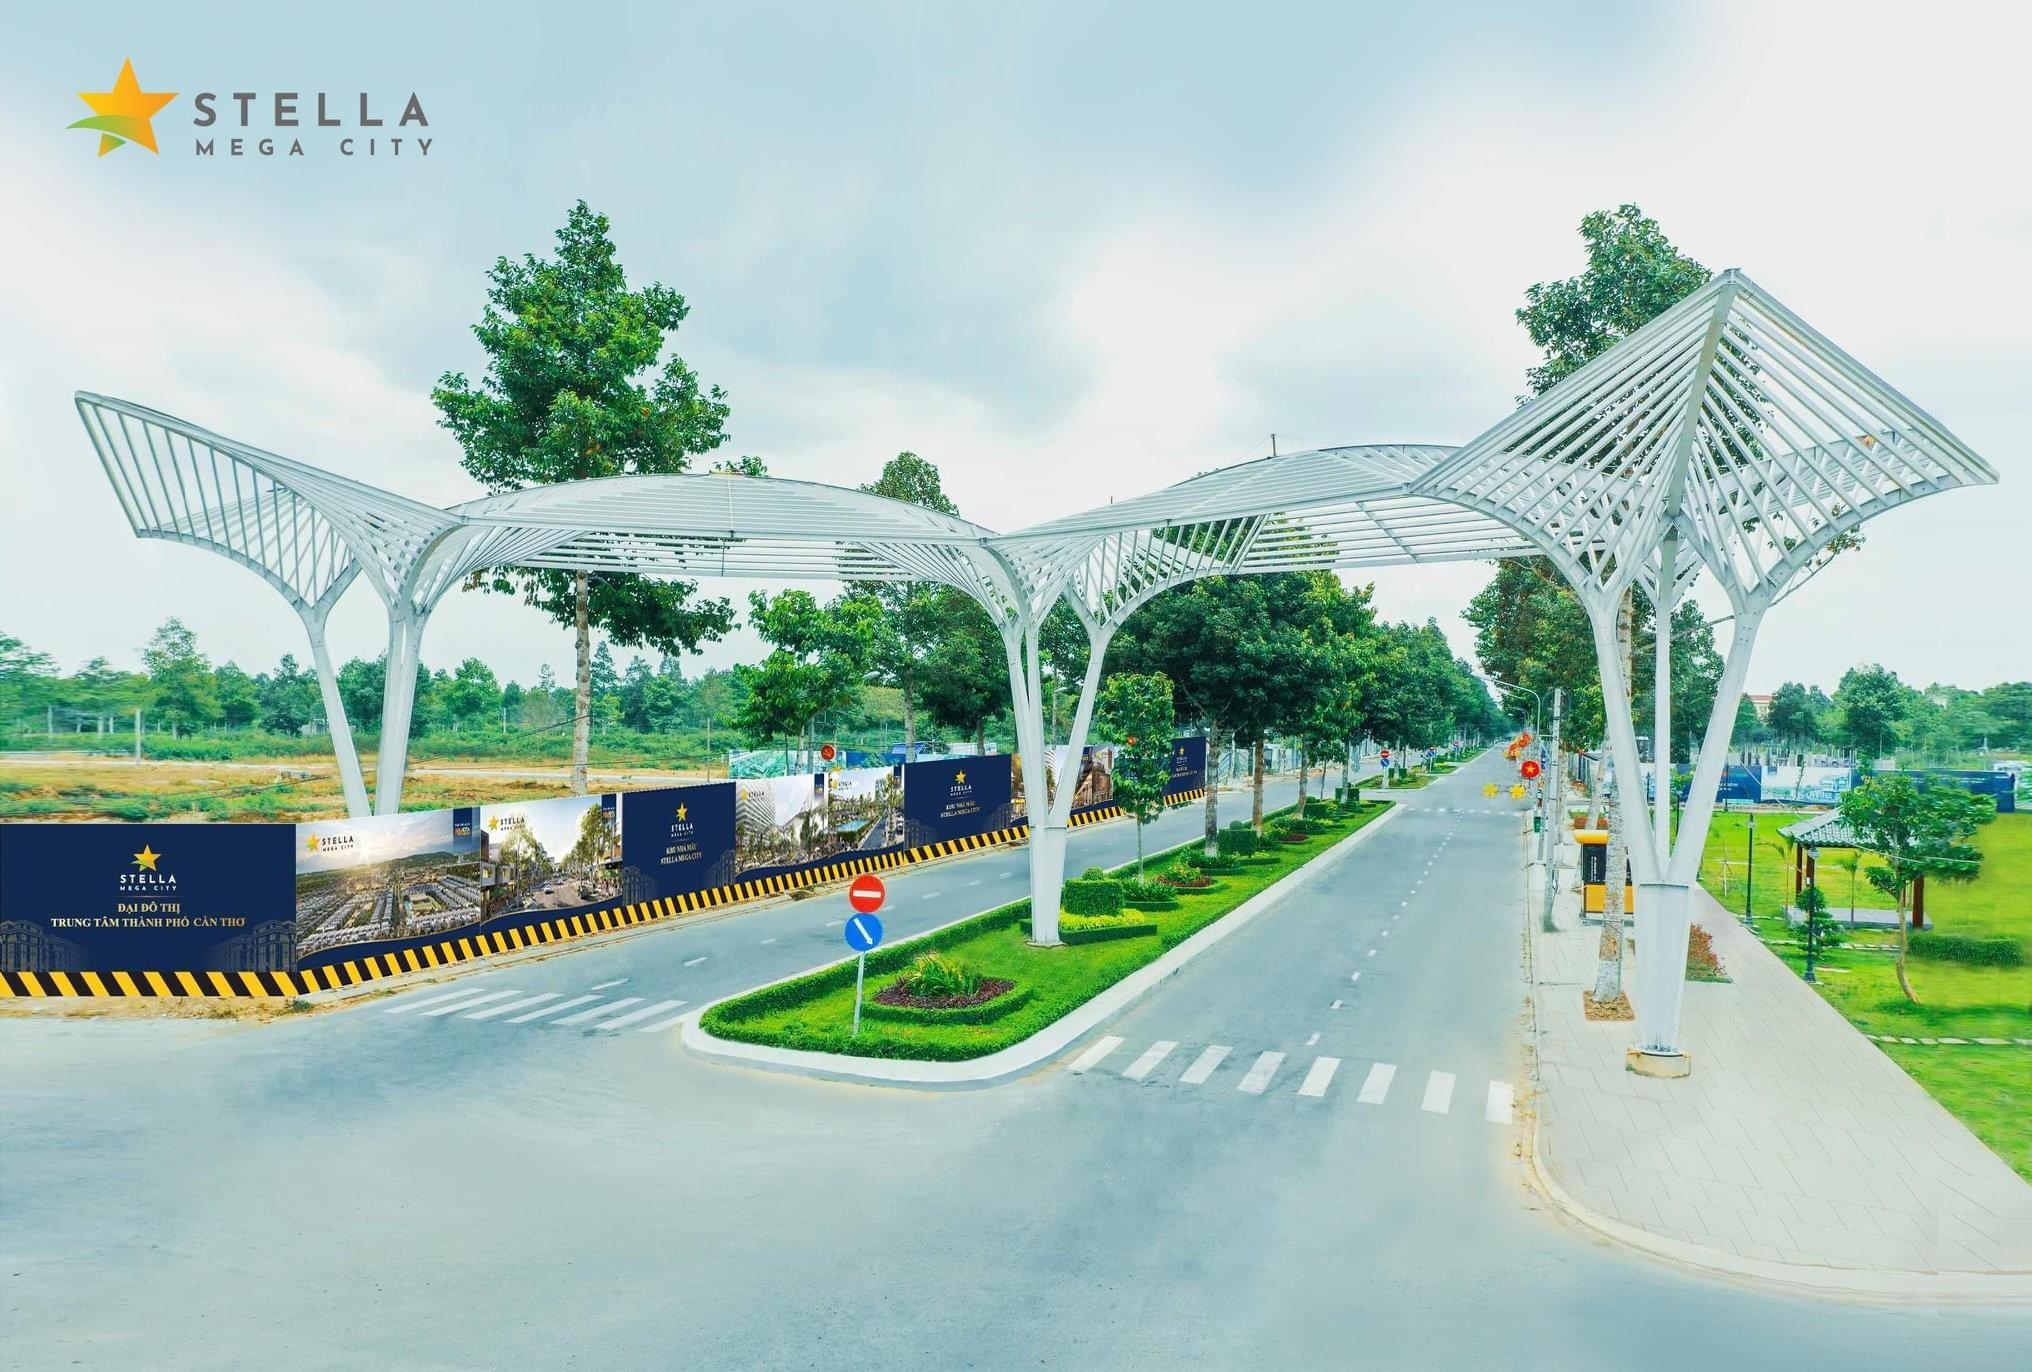 cổng chào dự án stella mega city cần thơ